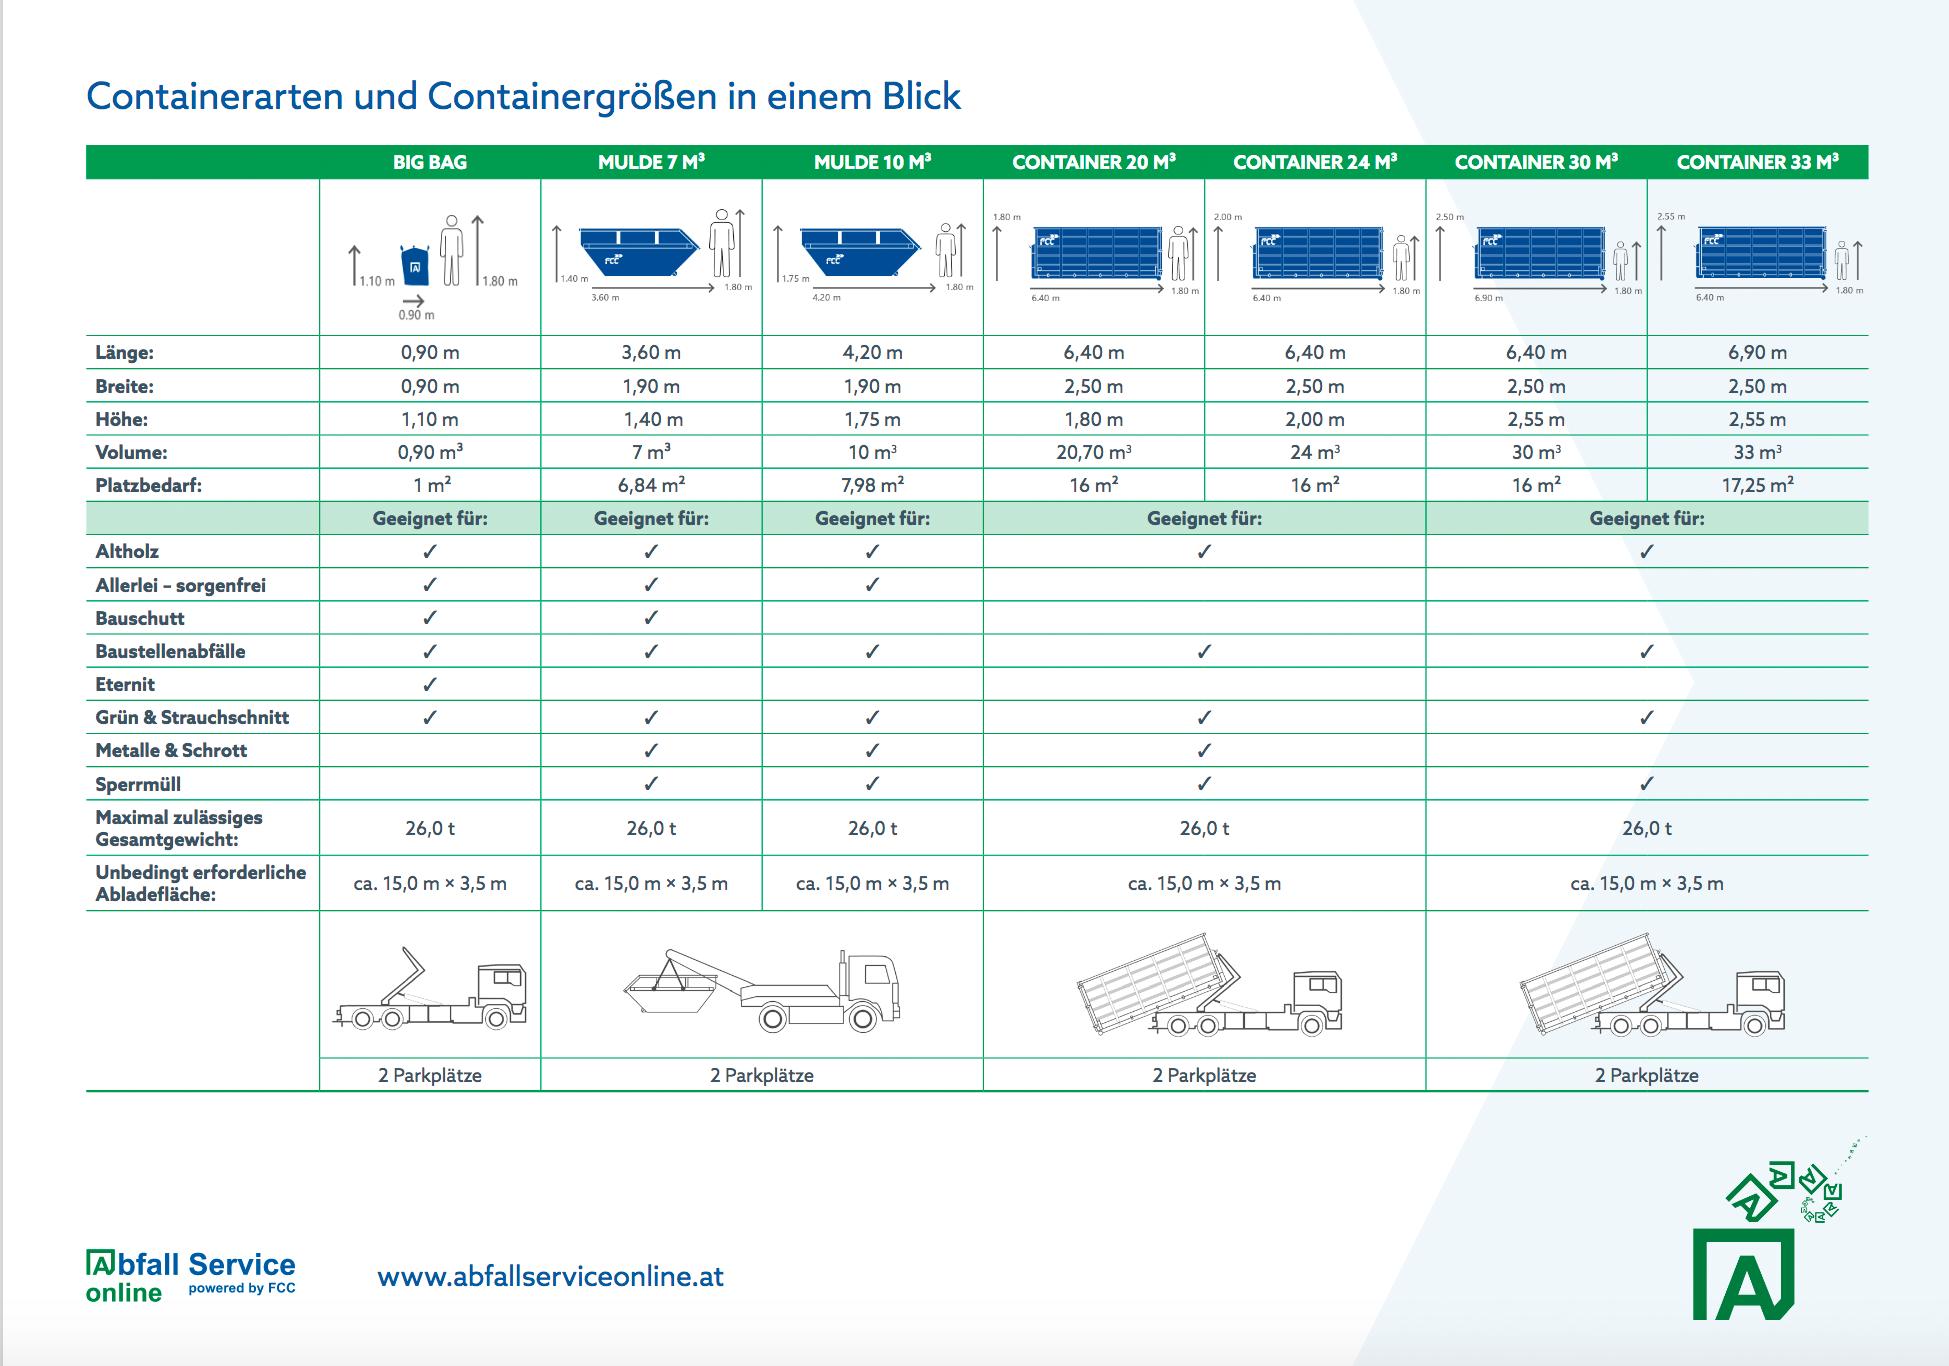 uebersicht-containerarten-containergrössen-abfall-service-online